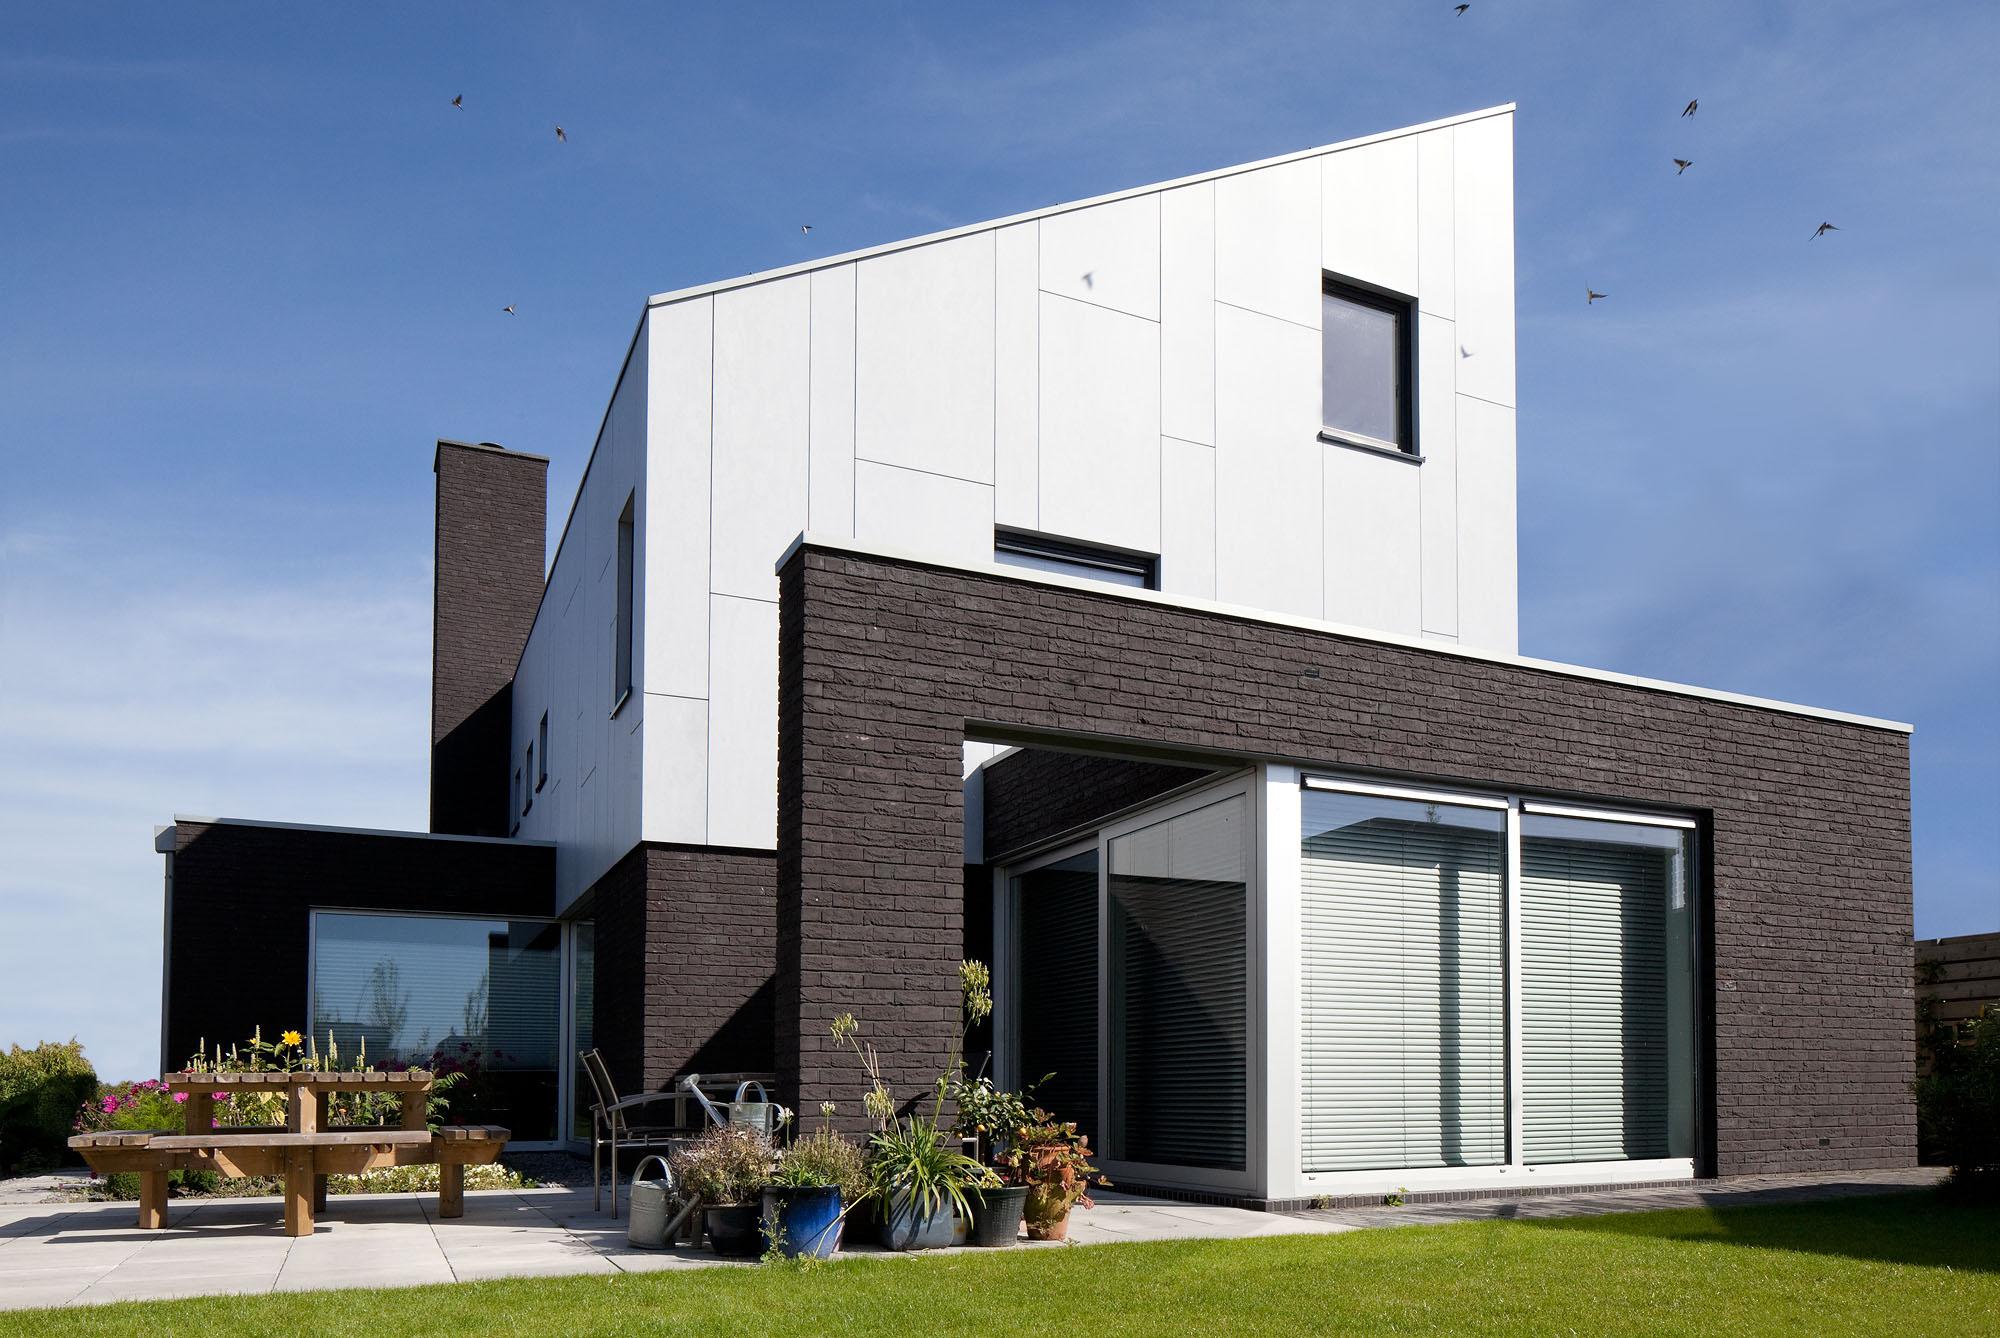 Foto van een moderne vrijstaande woning buiten